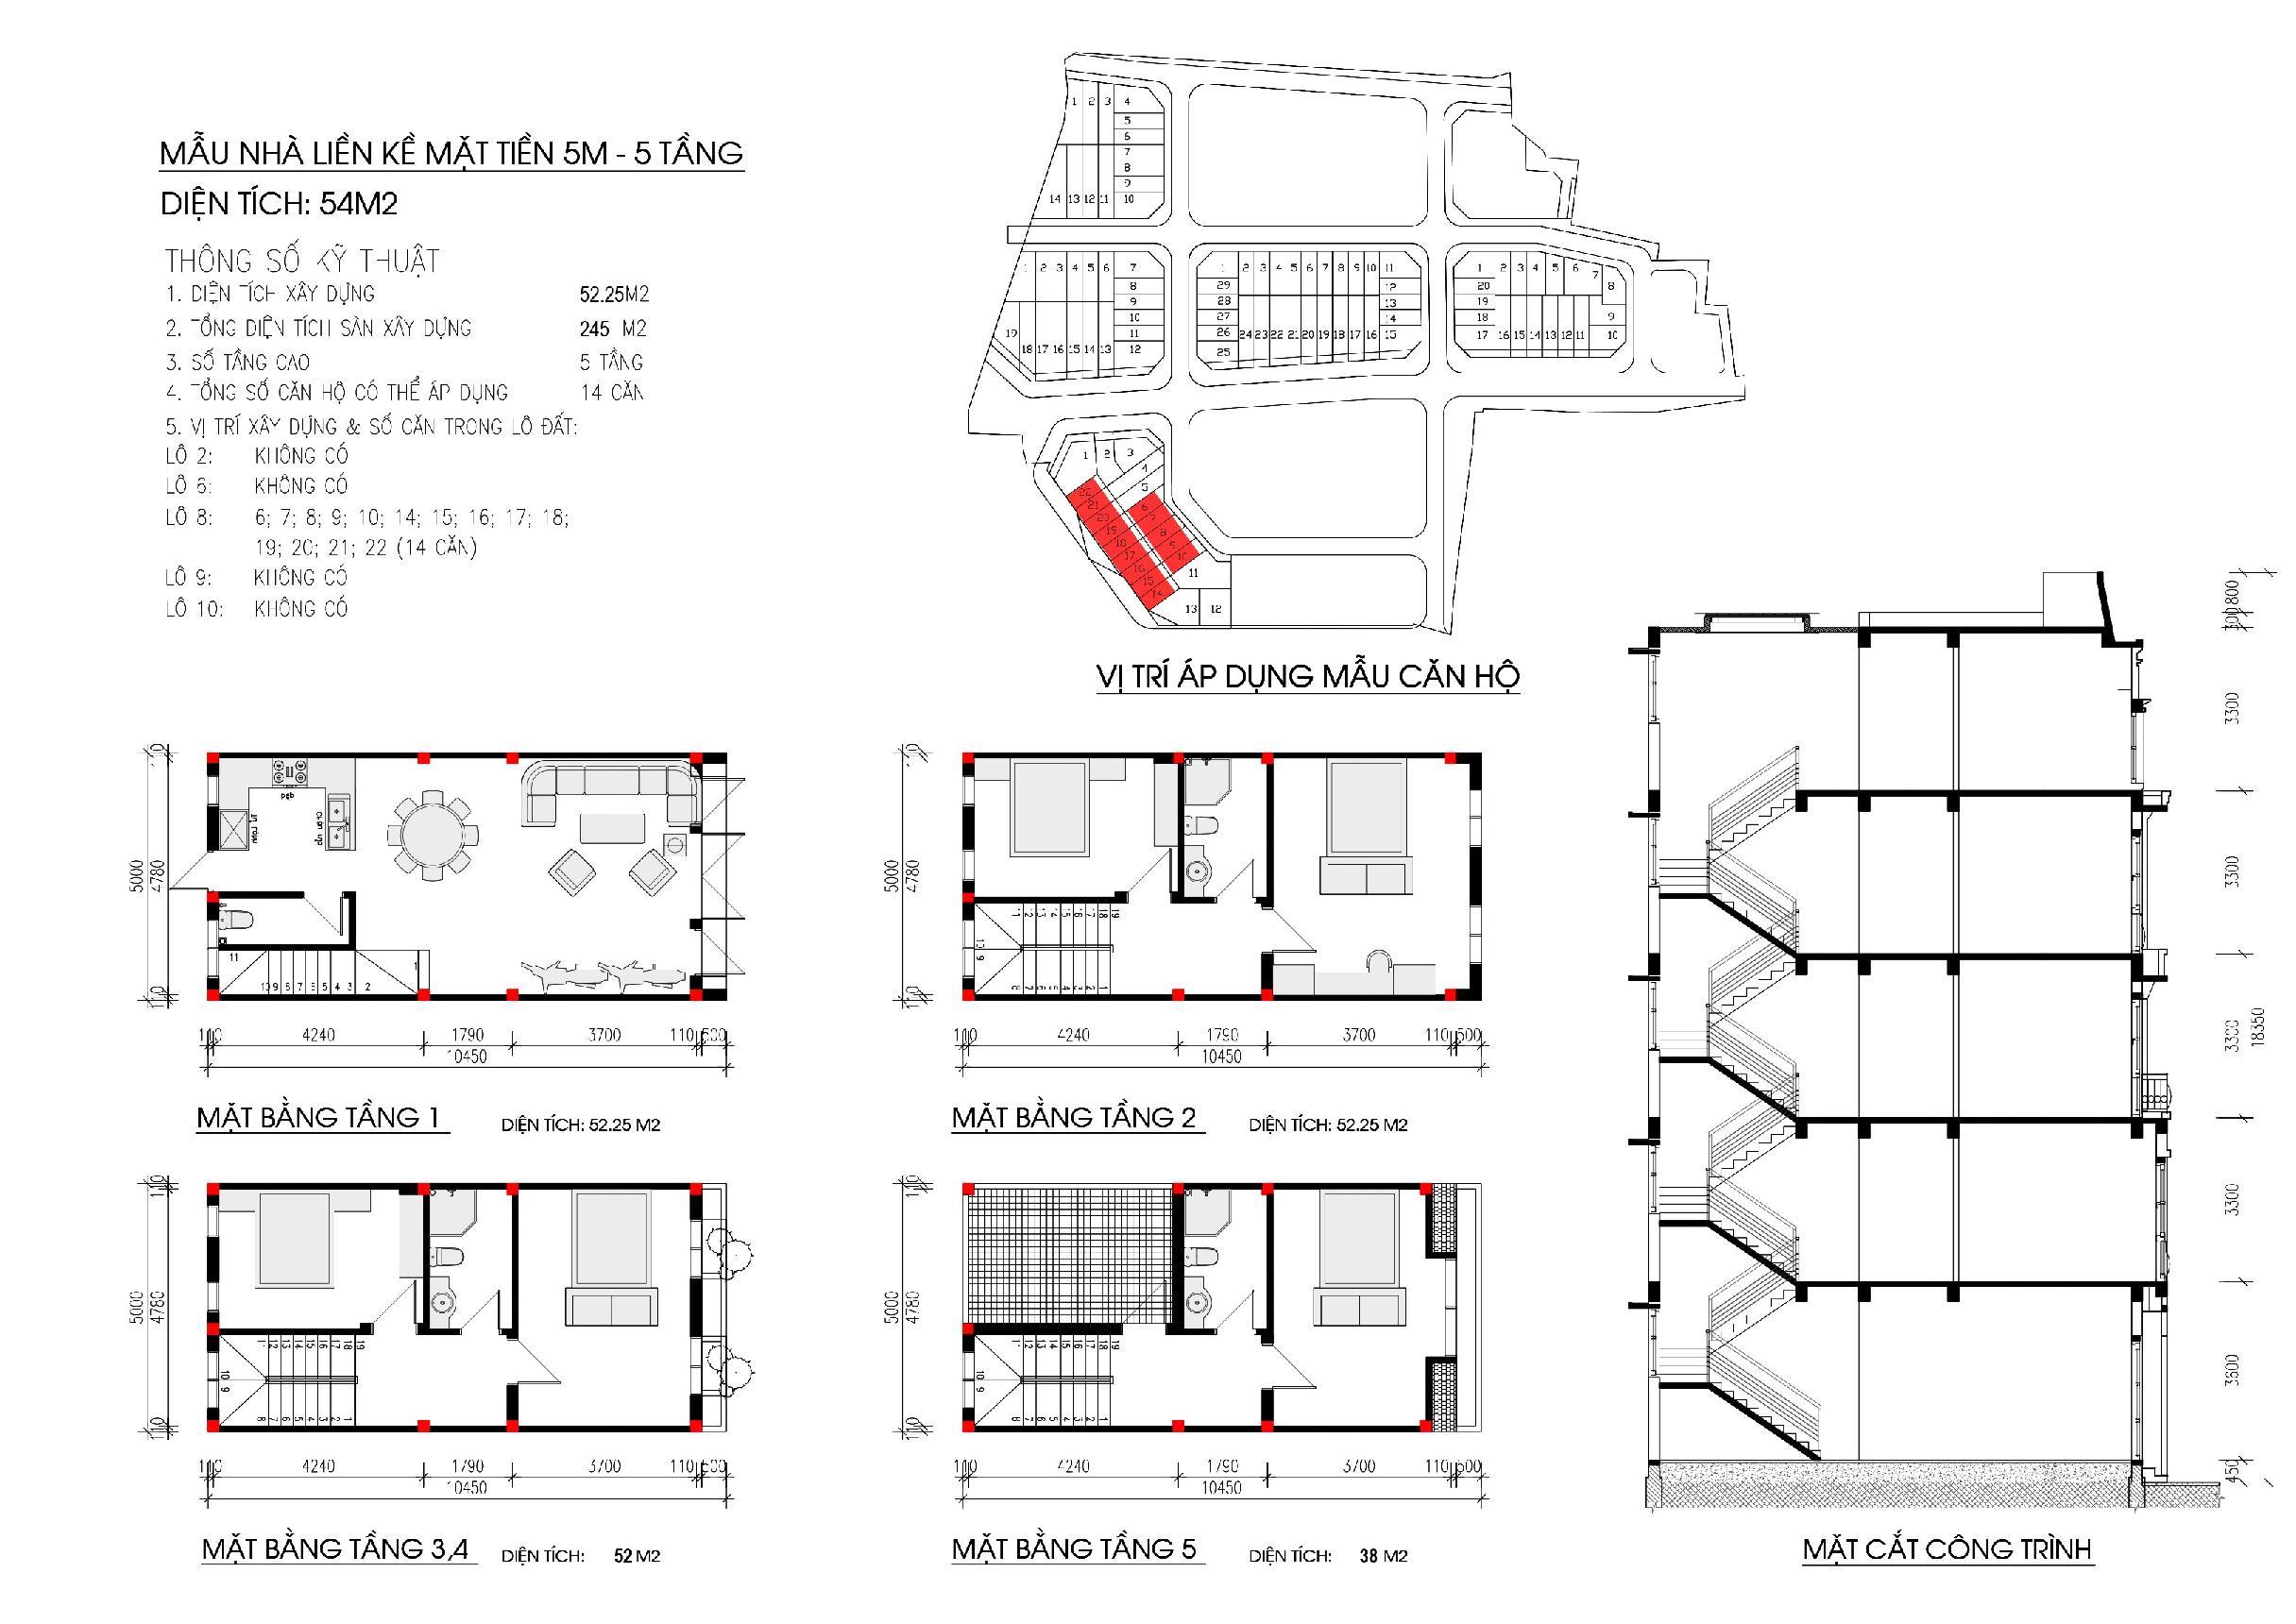 Thiết kế diện tích 54 m2 liền kề Nam Thắng